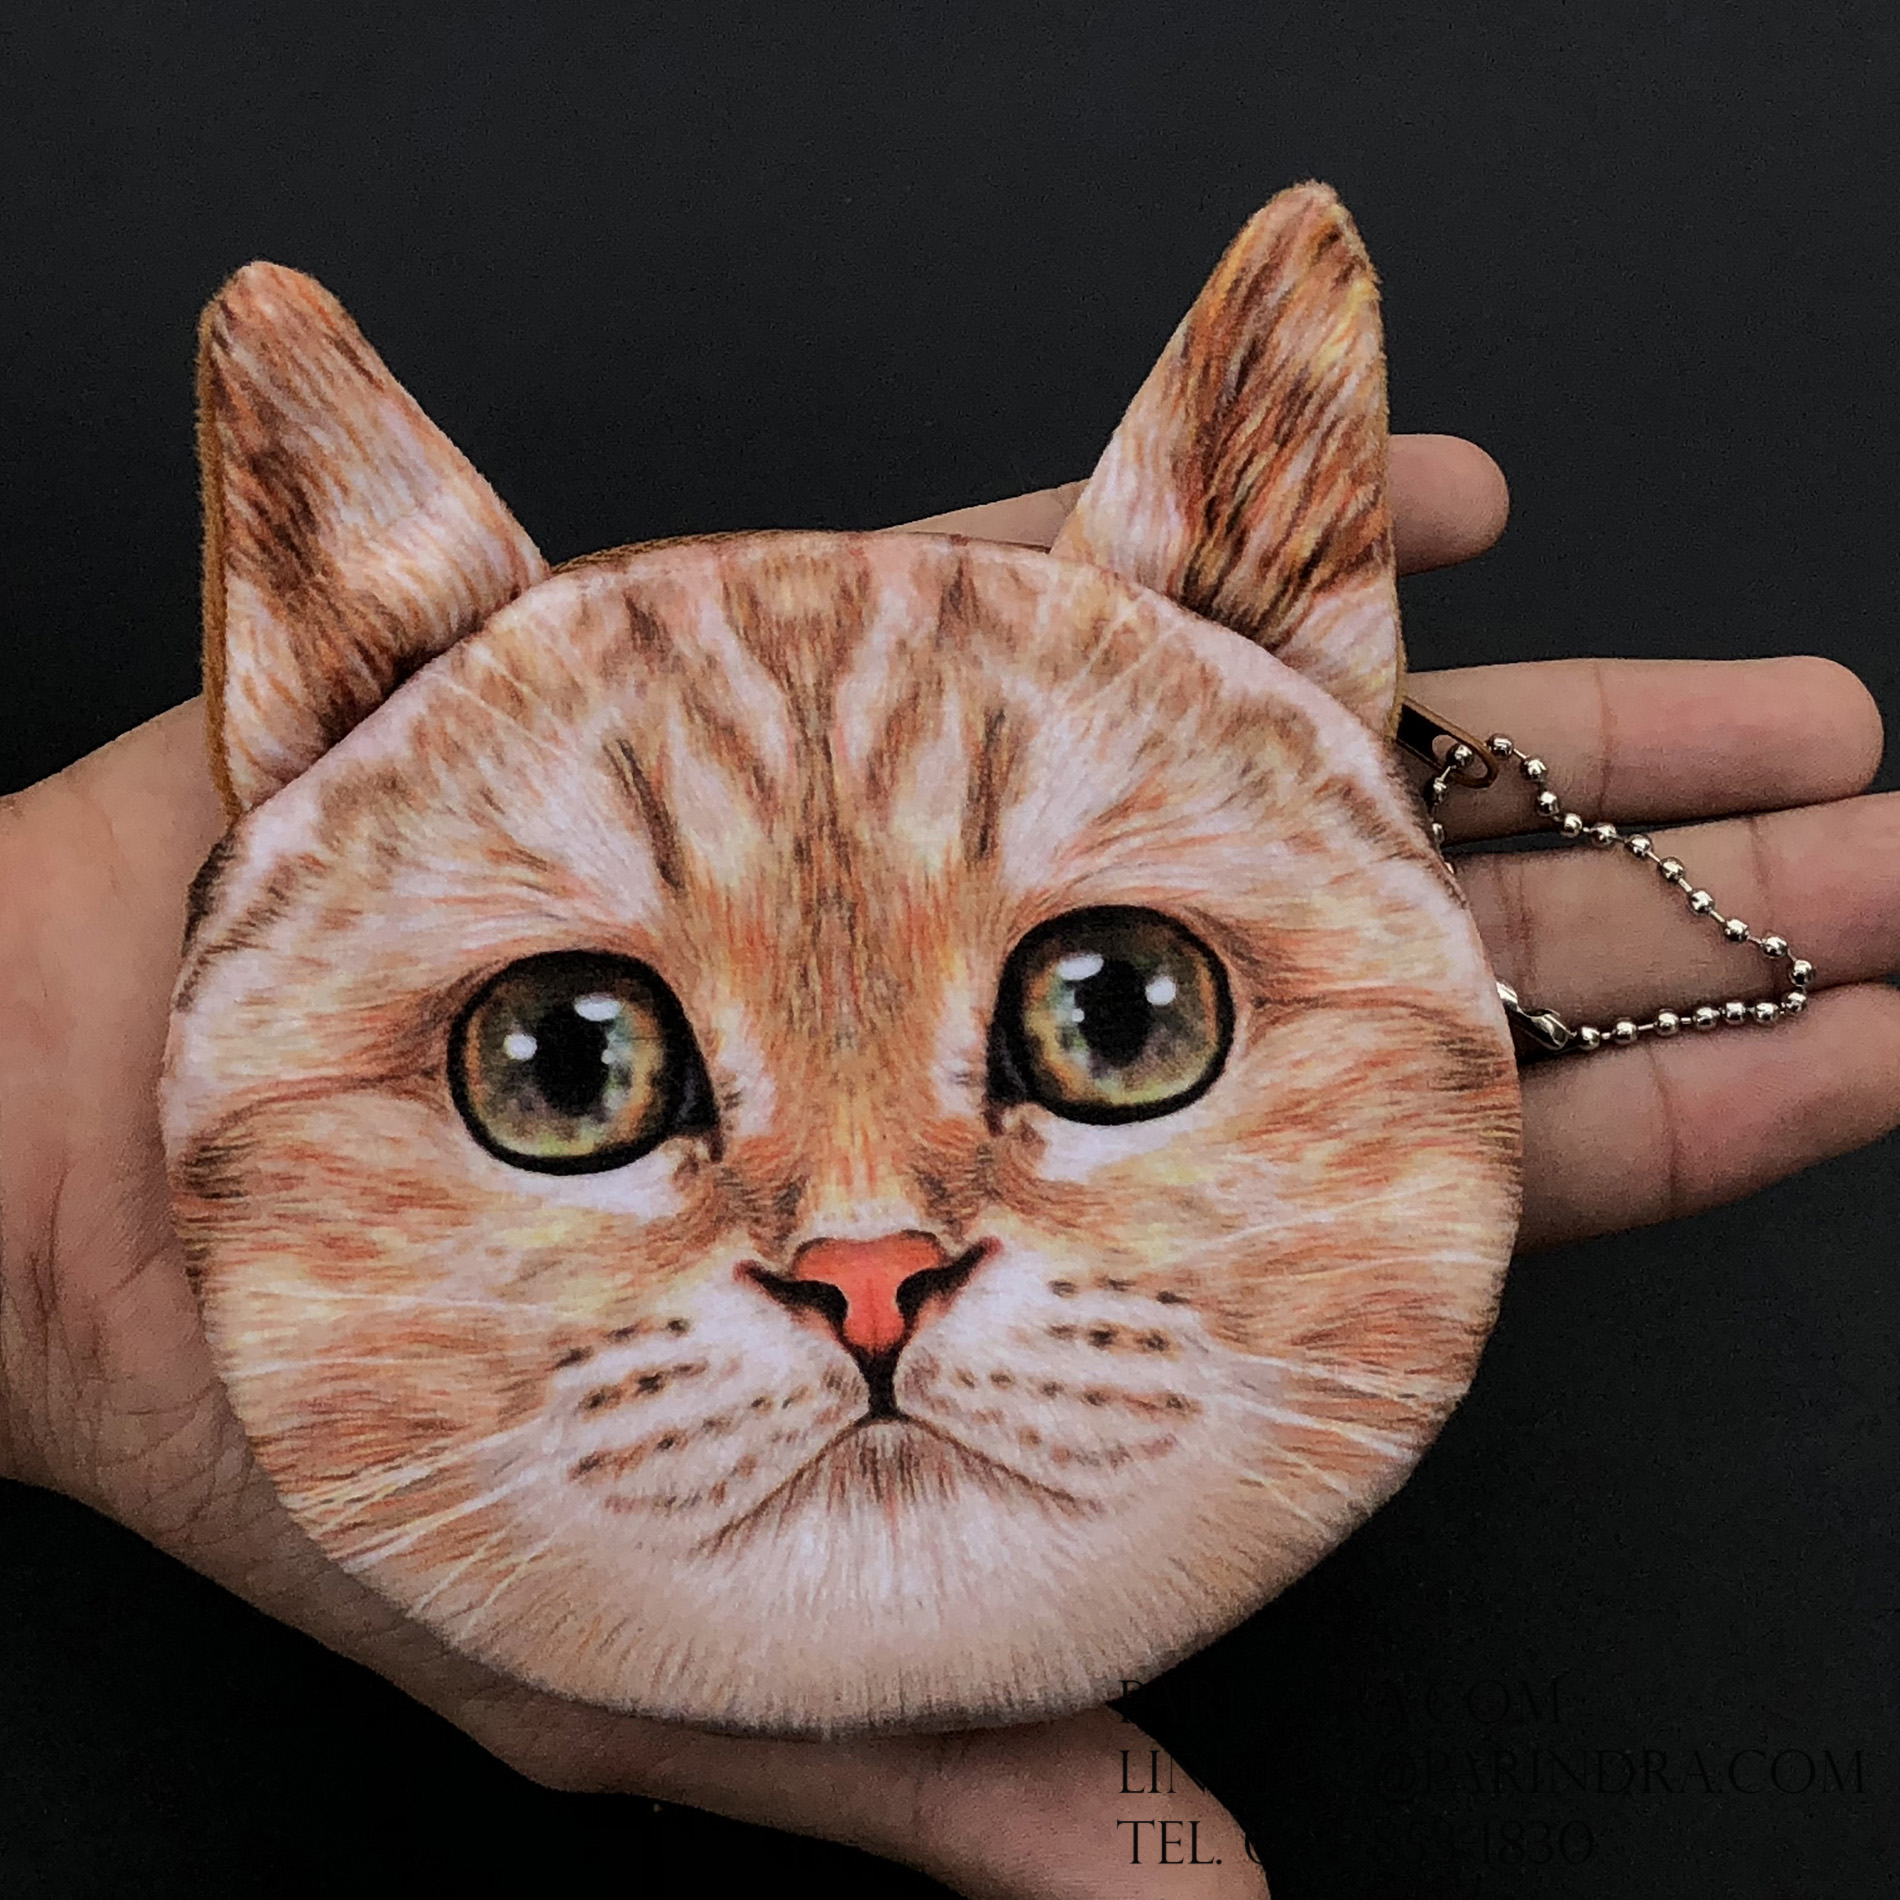 กระเป๋าใส่เหรียญ น่ารัก ขนาดกลาง แมวน้อย 3